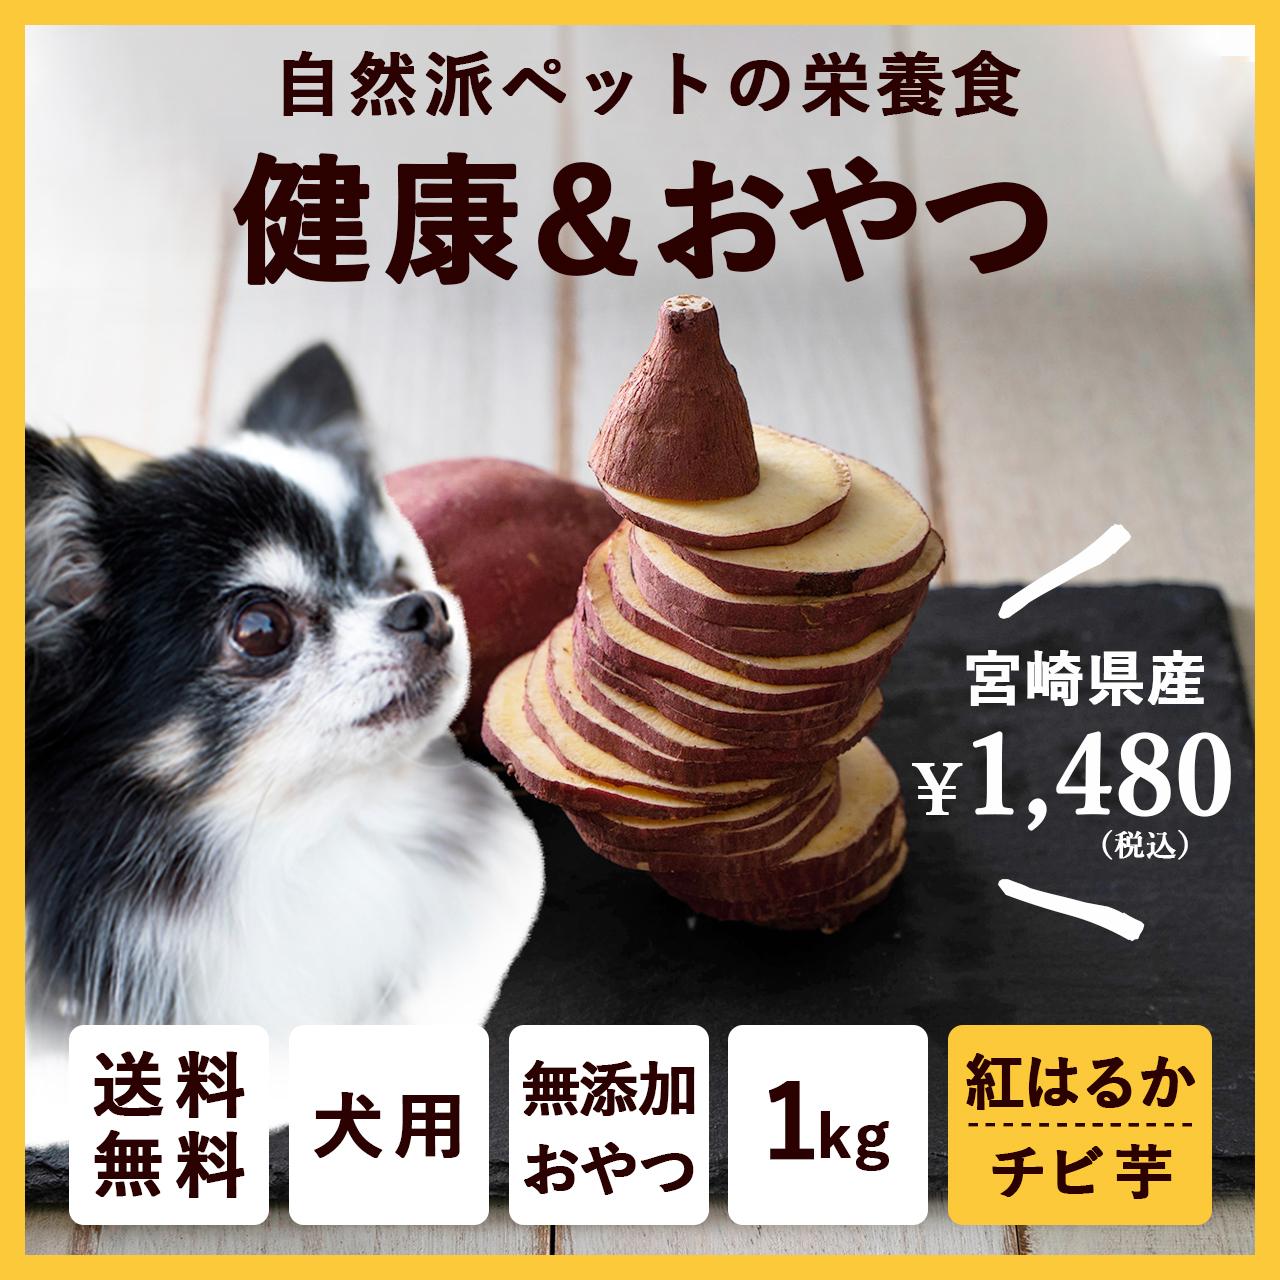 ペットのおやつ さつまいも 紅はるか 1kg 宮崎県産 熟成サツマイモ 生芋